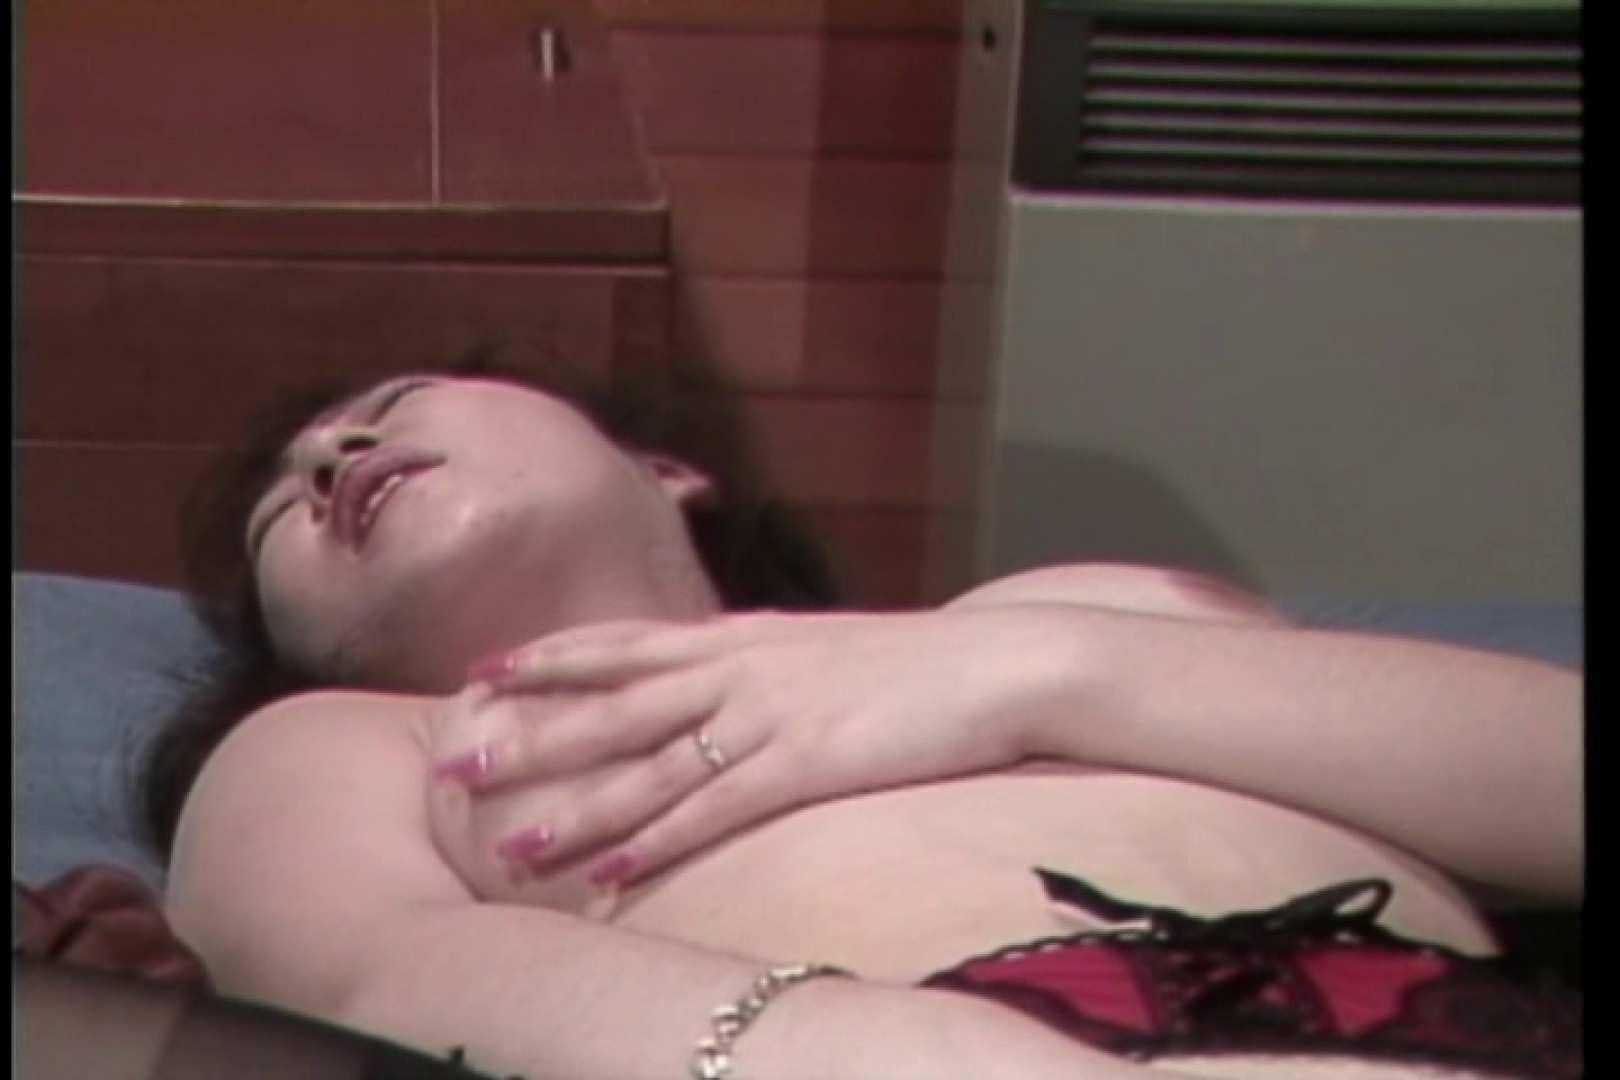 変態亜美のアブノーマルな世界・前編~夢野亜美~ オナニー特集   巨乳デカ乳  112画像 95